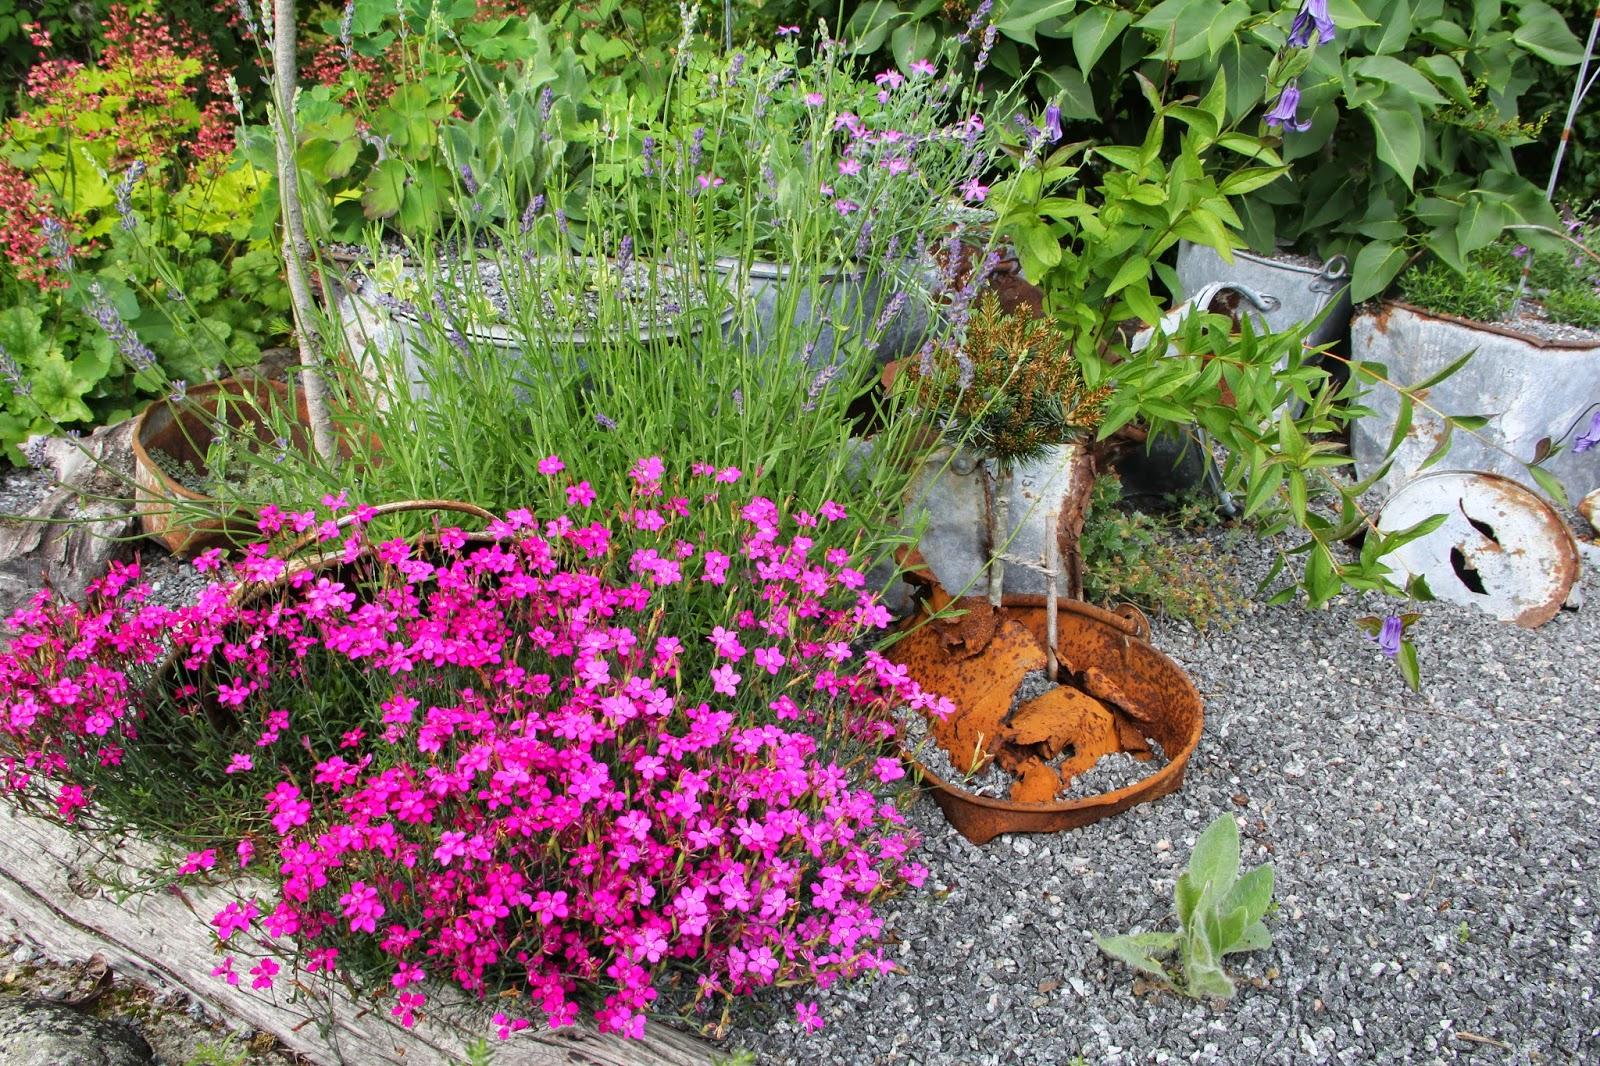 Visningsträdgården Hällans trädgårdsblogg: november 2014